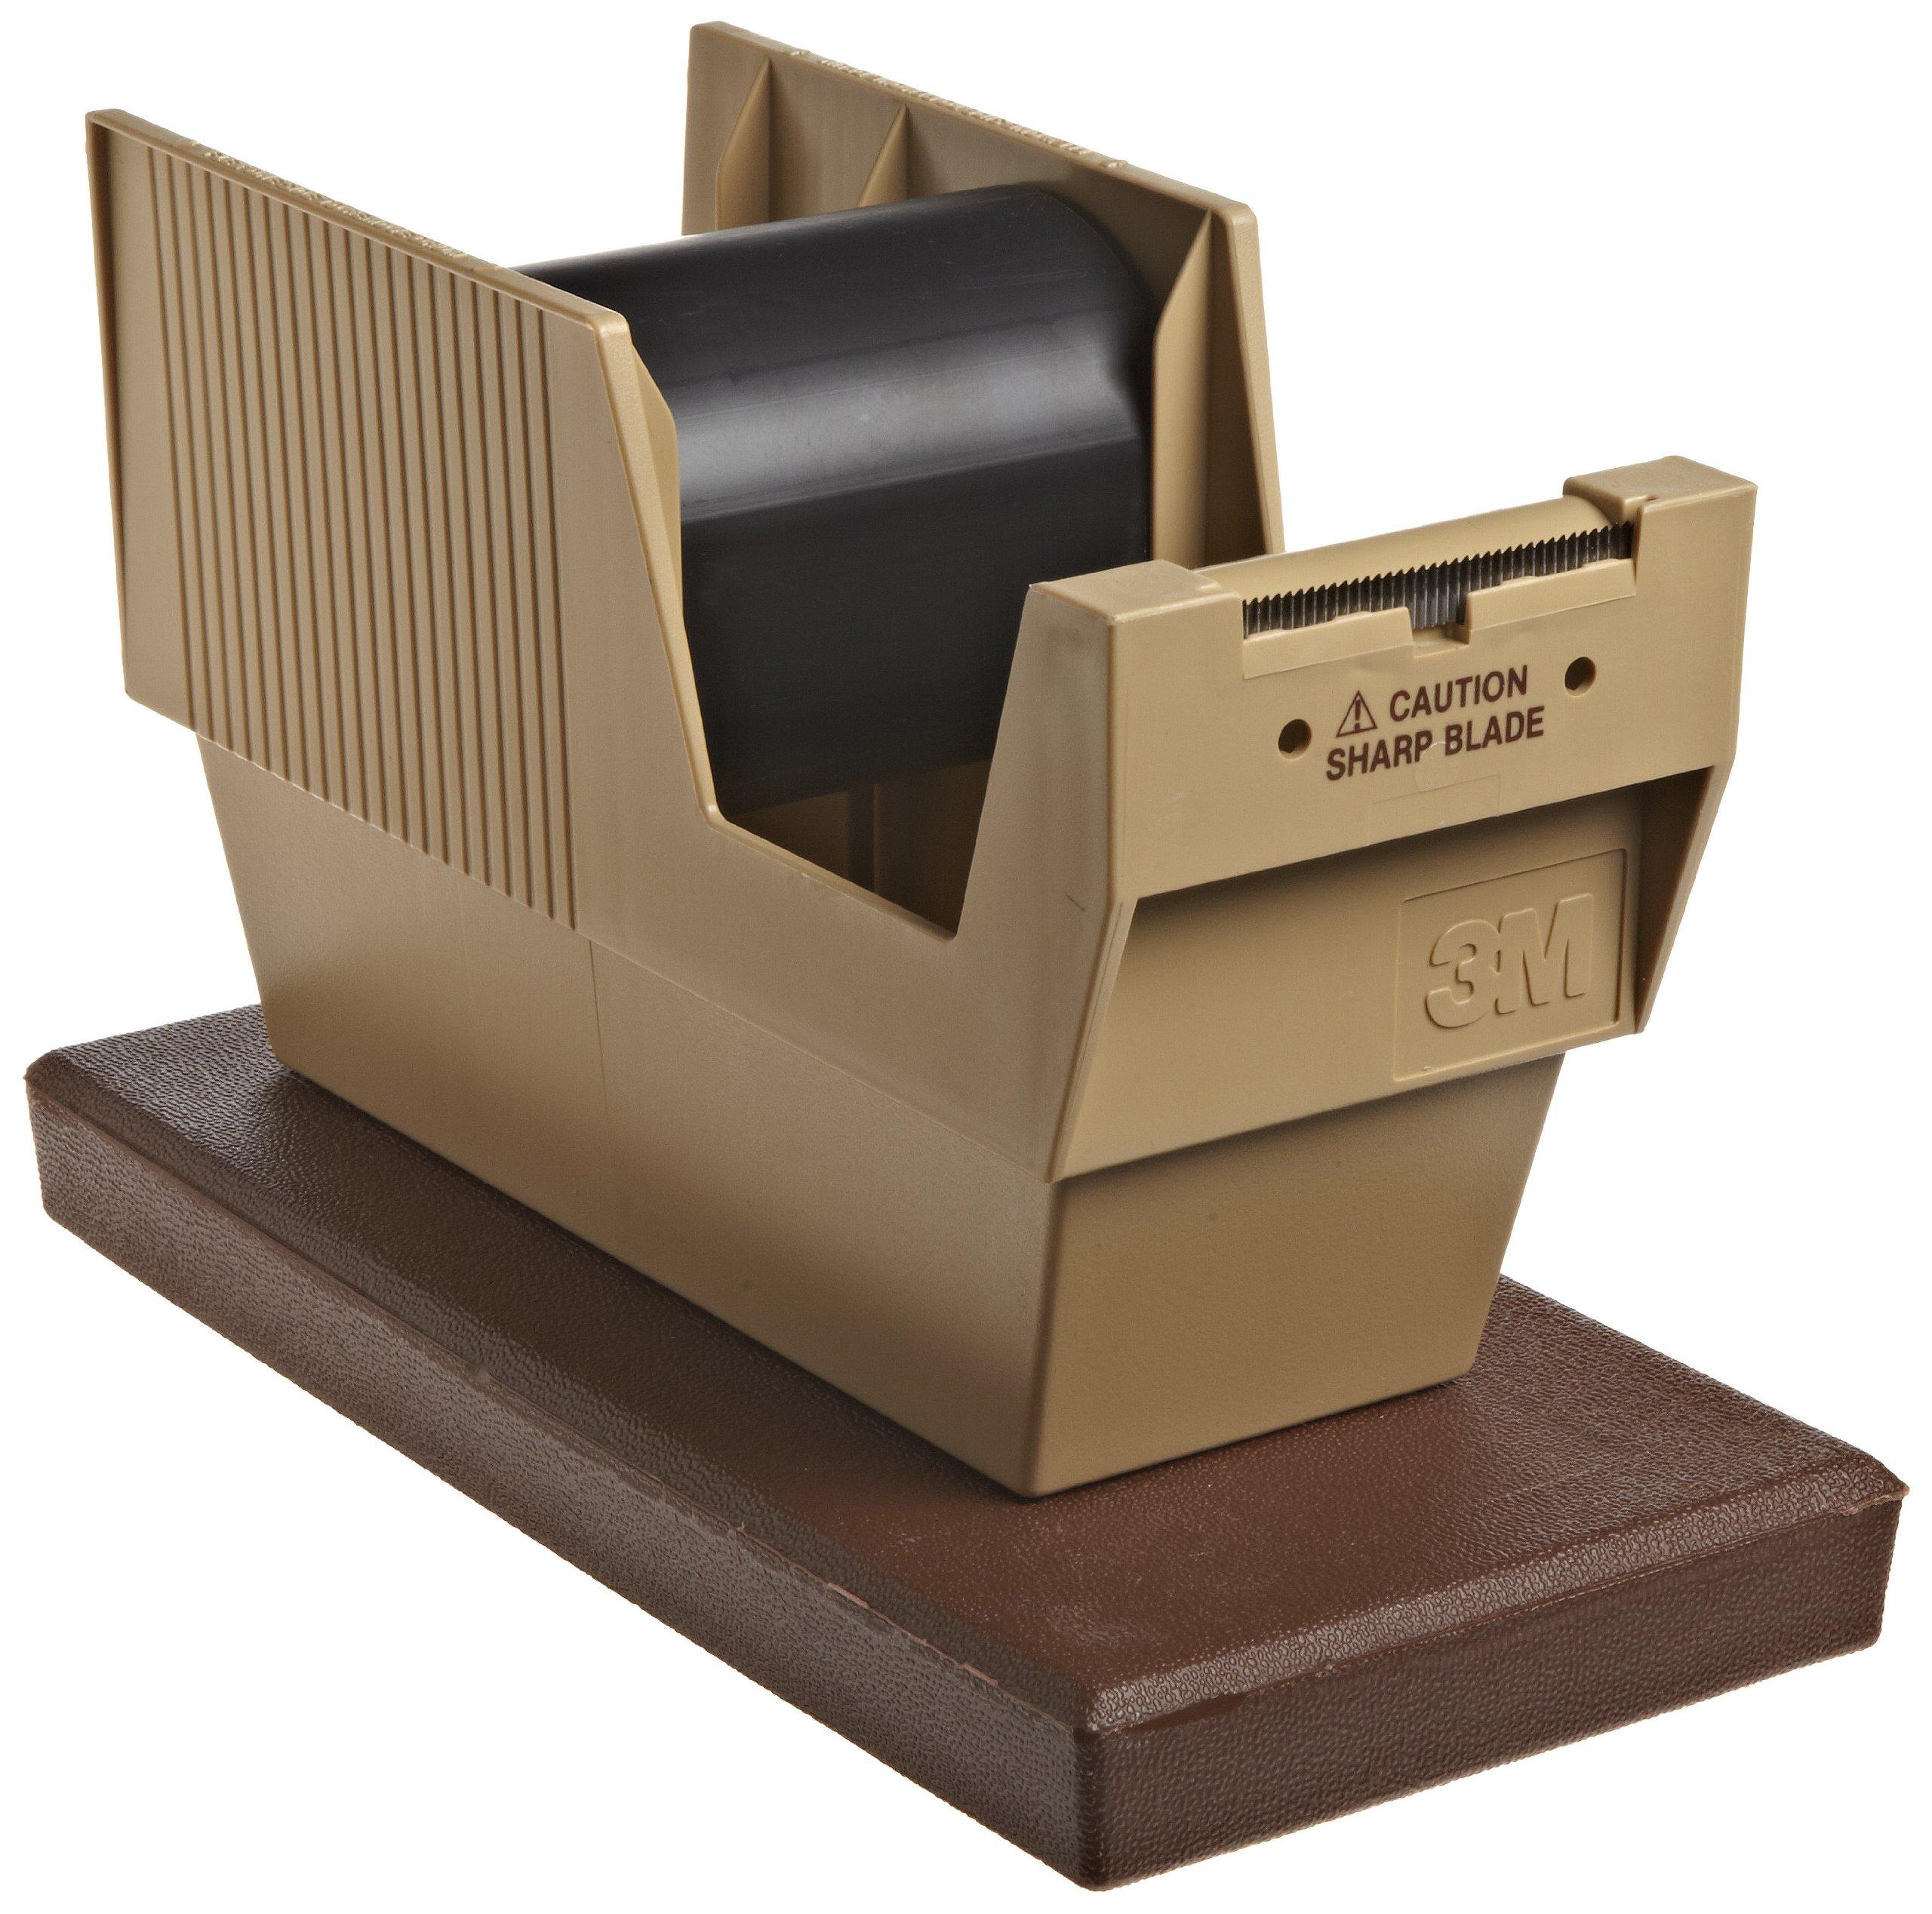 Scotch Mainline Dispenser P52W, 2 in